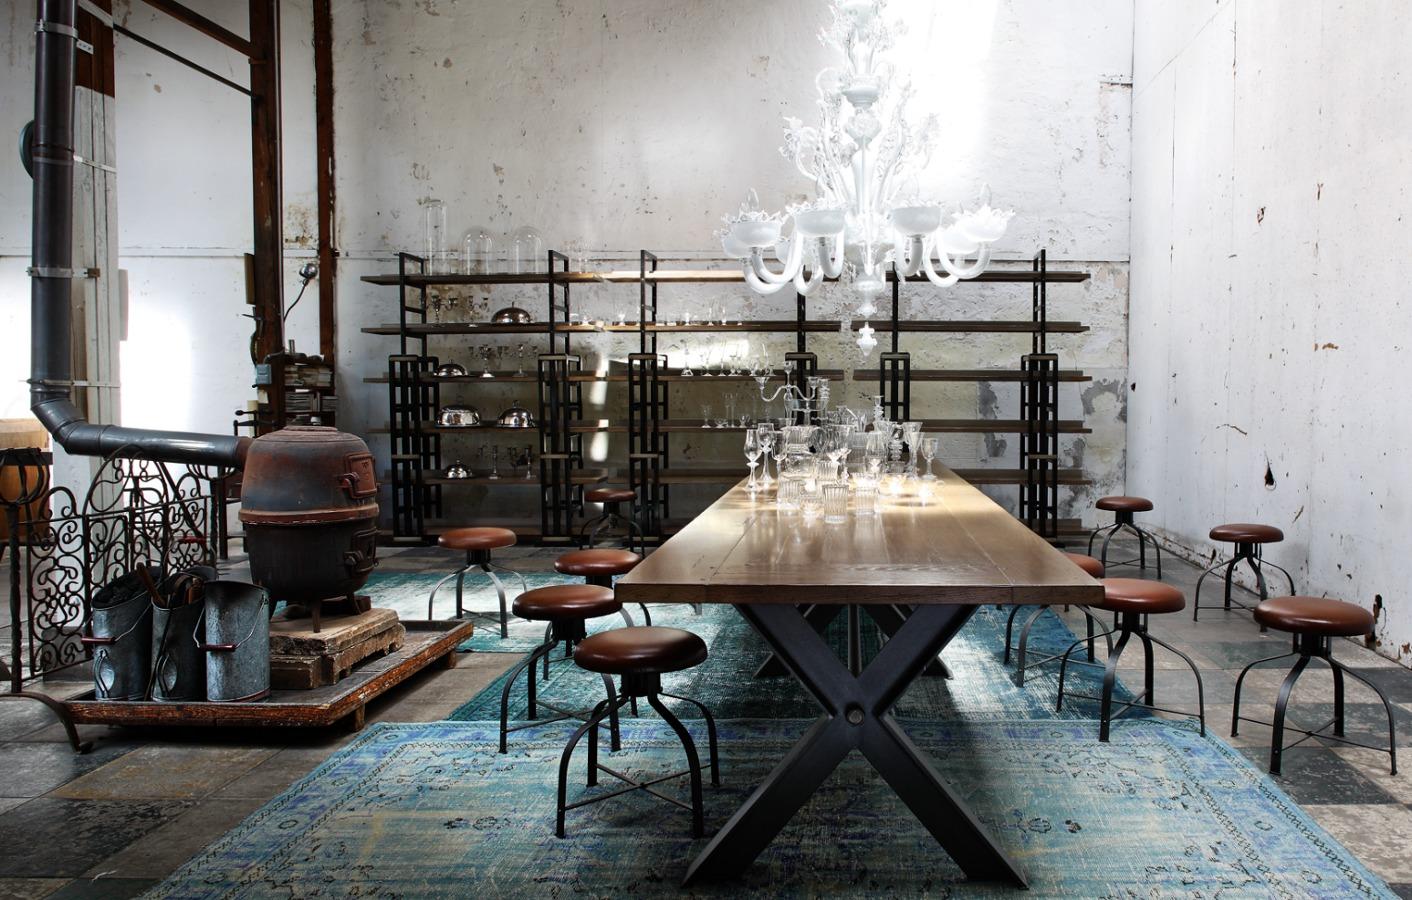 Foto mesa de comedor syntaxe de roche bobois barcelona - Roche bobois barcelona ...